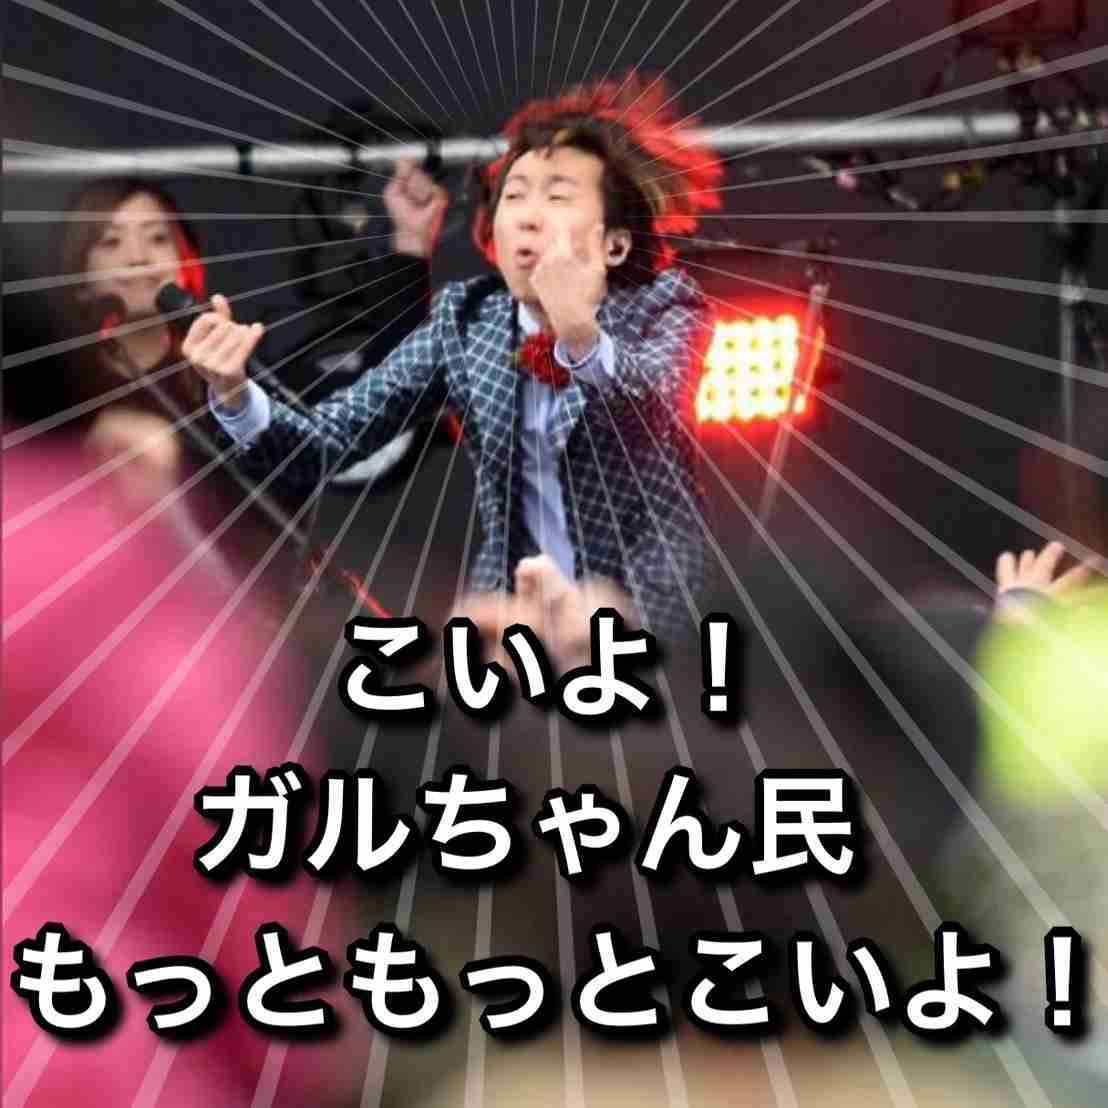 西川史子 ベッキー復帰に共感できず「私だったら引退する」